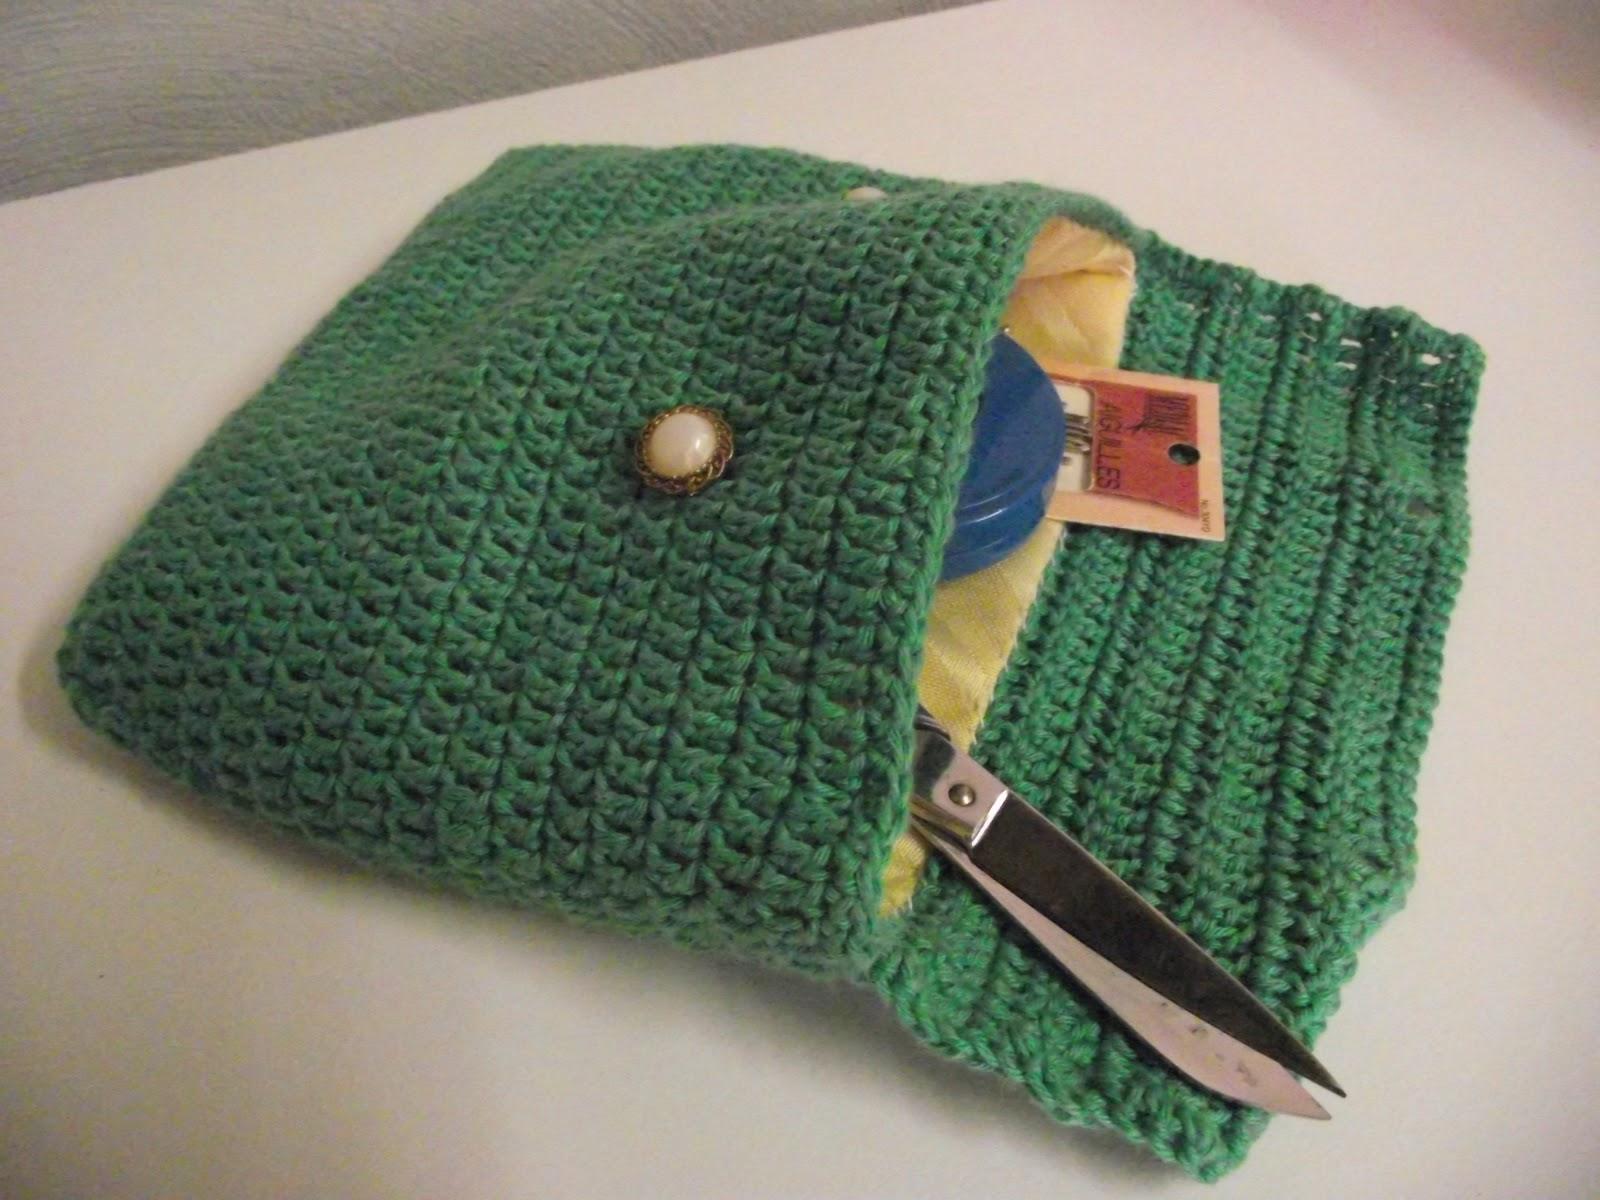 Crochet et tricot facile avec explications: Pochette couture au crochet